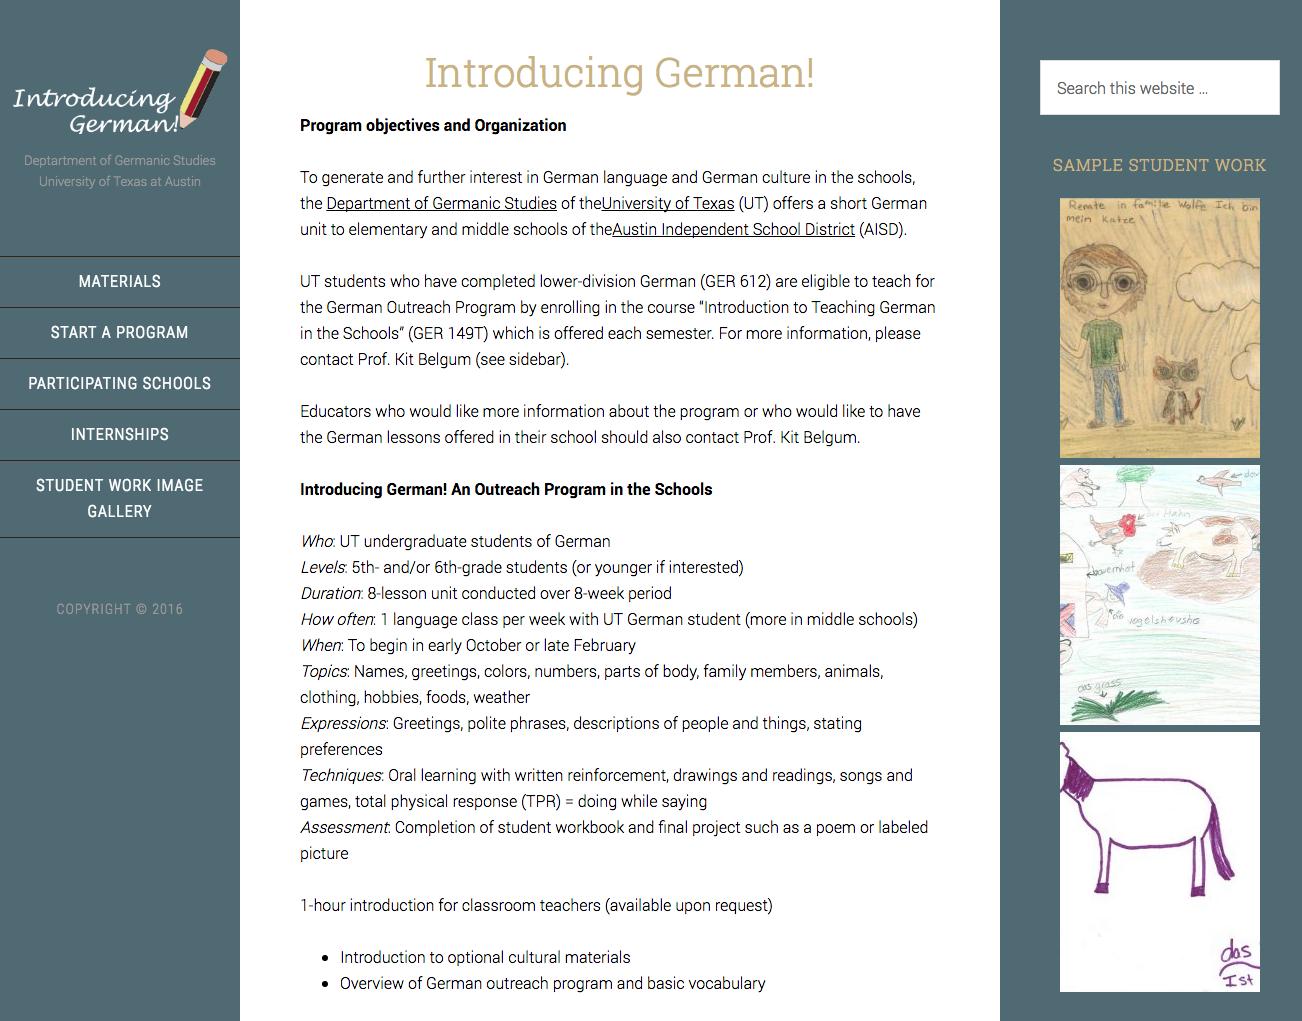 introducing-german-homepage